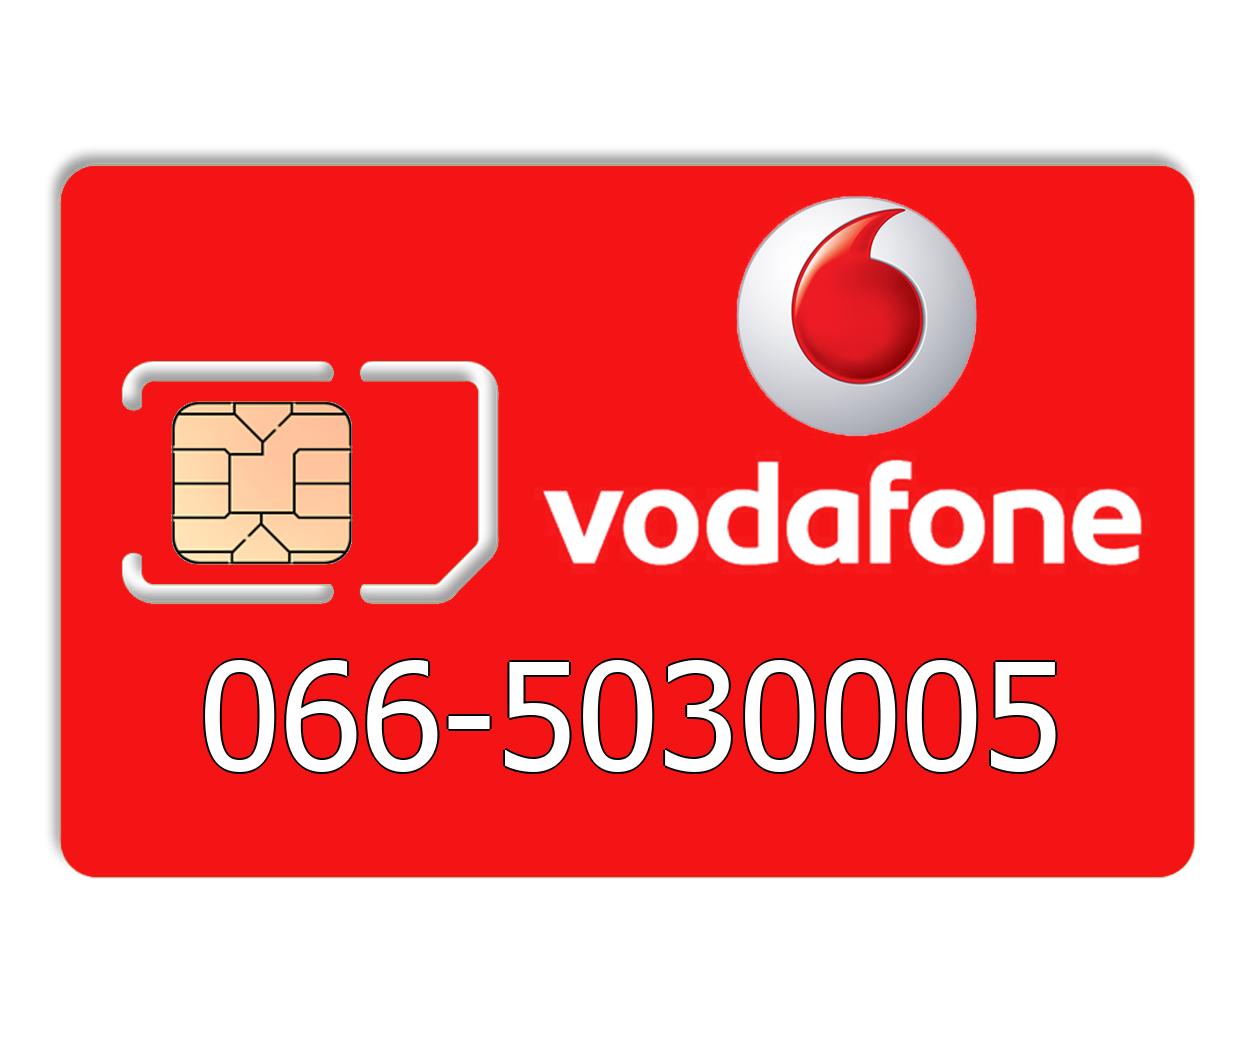 Красивый номер Vodafone 066-5030005